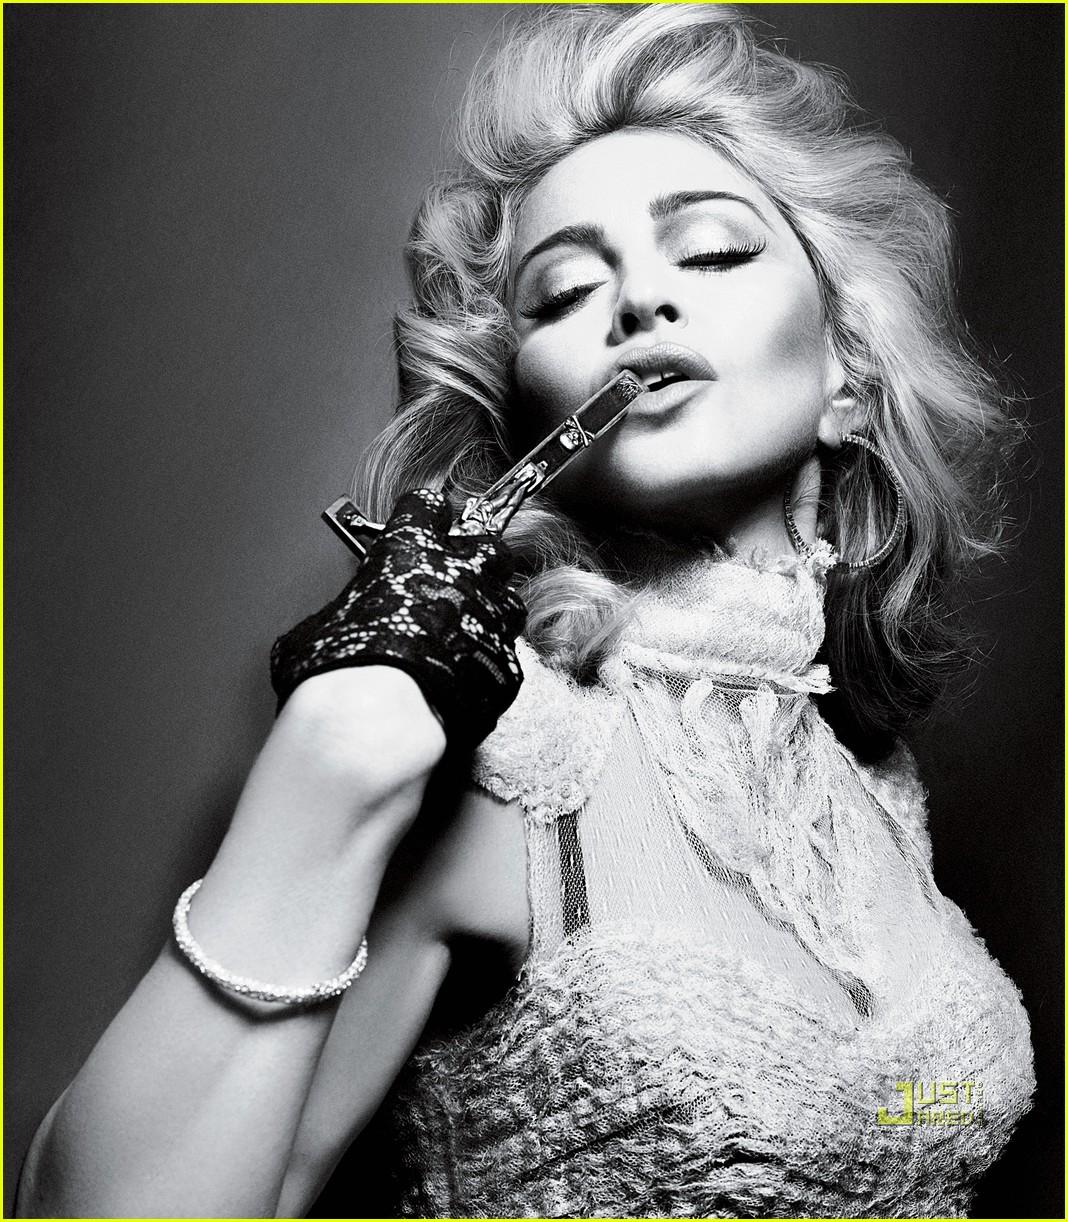 http://3.bp.blogspot.com/_Xt2zx54laSA/S-AssWPTKlI/AAAAAAAAF2A/onmttWkH8jw/s1600/madonna-interview-magazine-crucifix-05.jpg